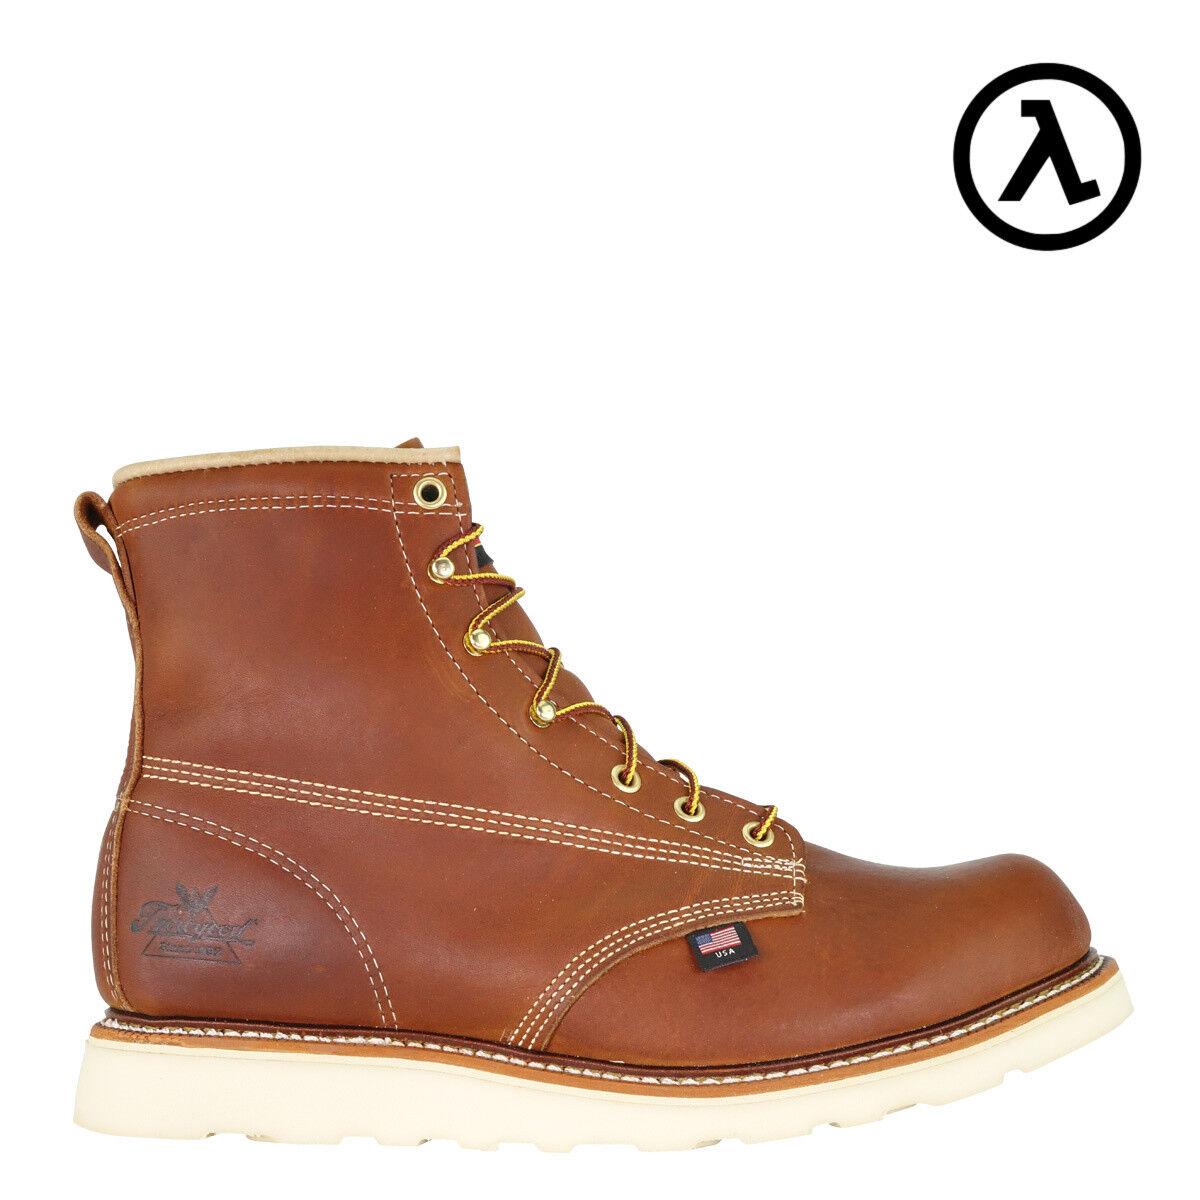 Thorogood American Heritage Cuña EH 6  botas de trabajo 814-4355 - todos Los Tamaños